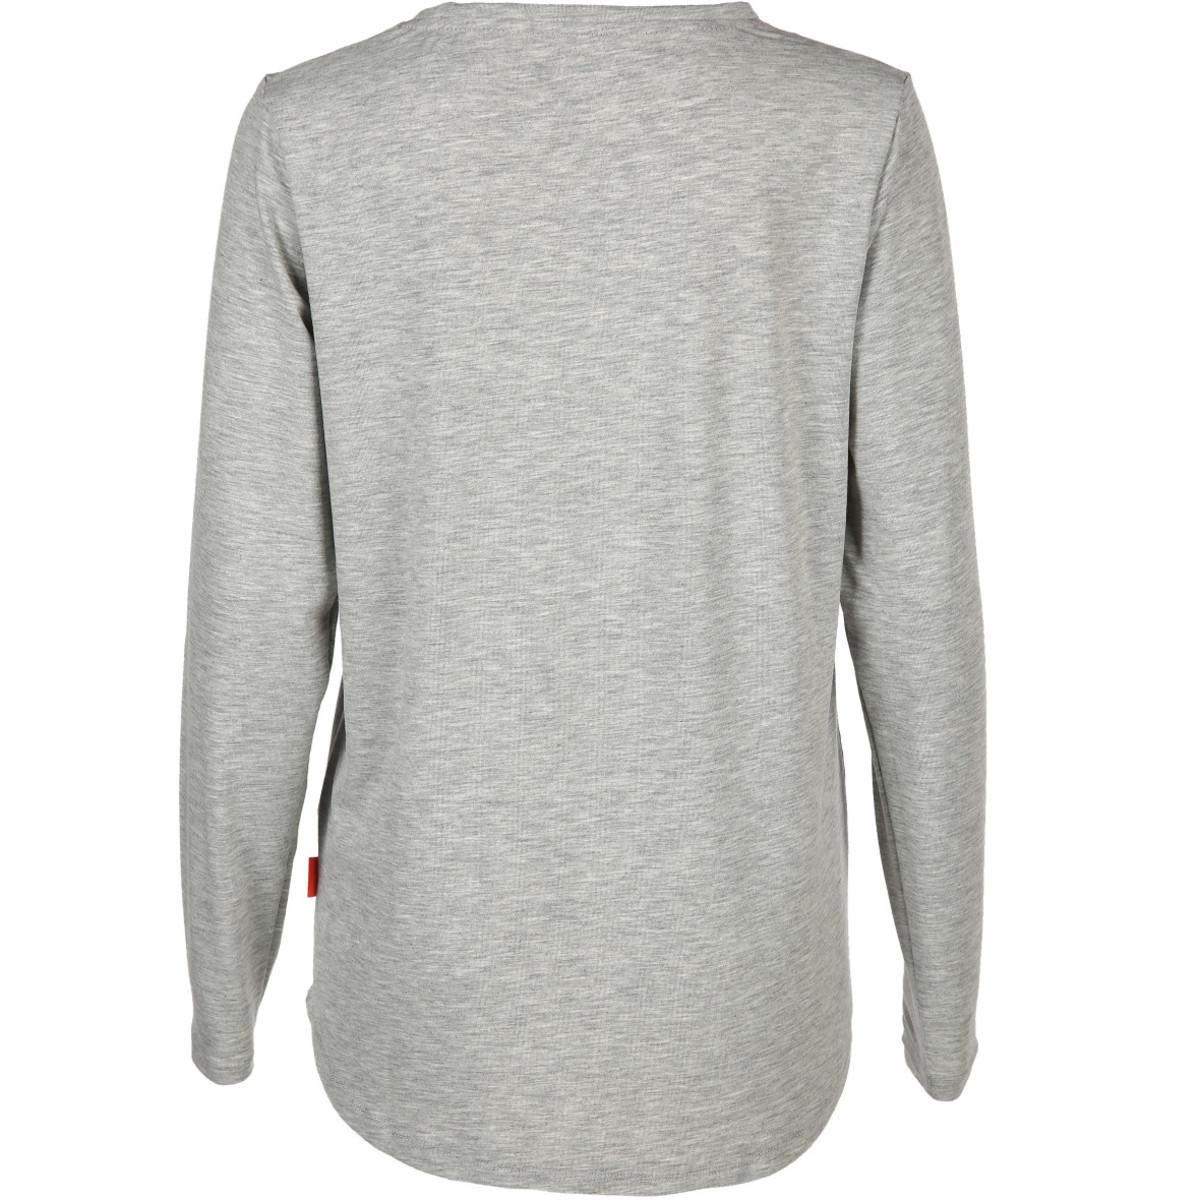 Bild 2 von Damen Langarm Shirt